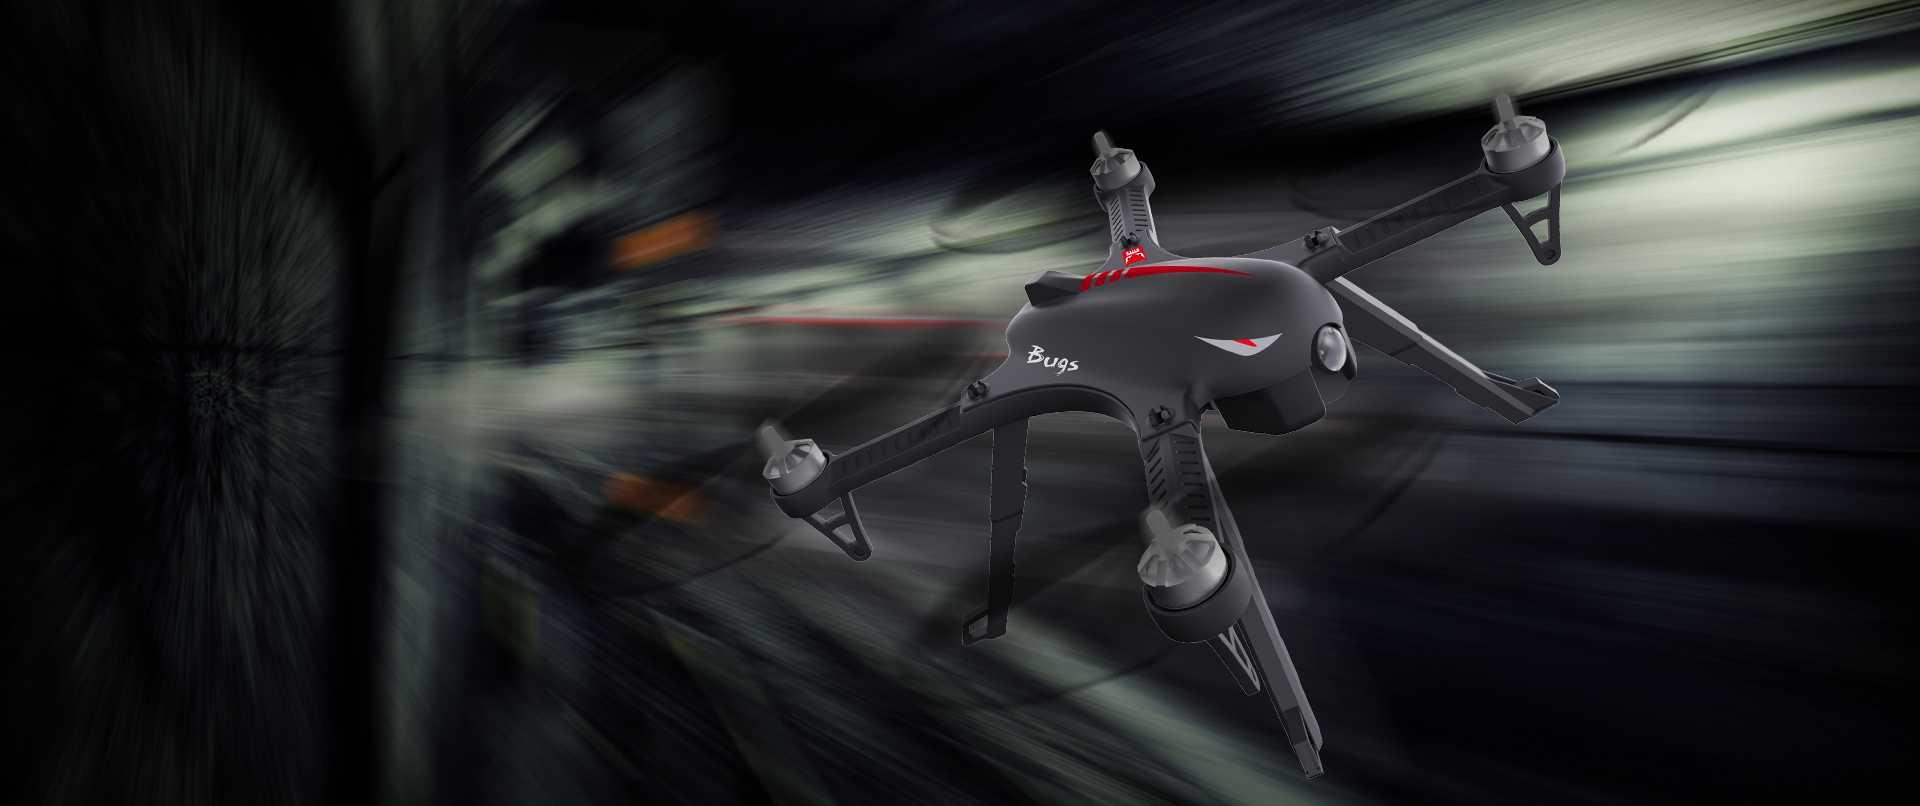 mjx bugs 3 drone nen mua